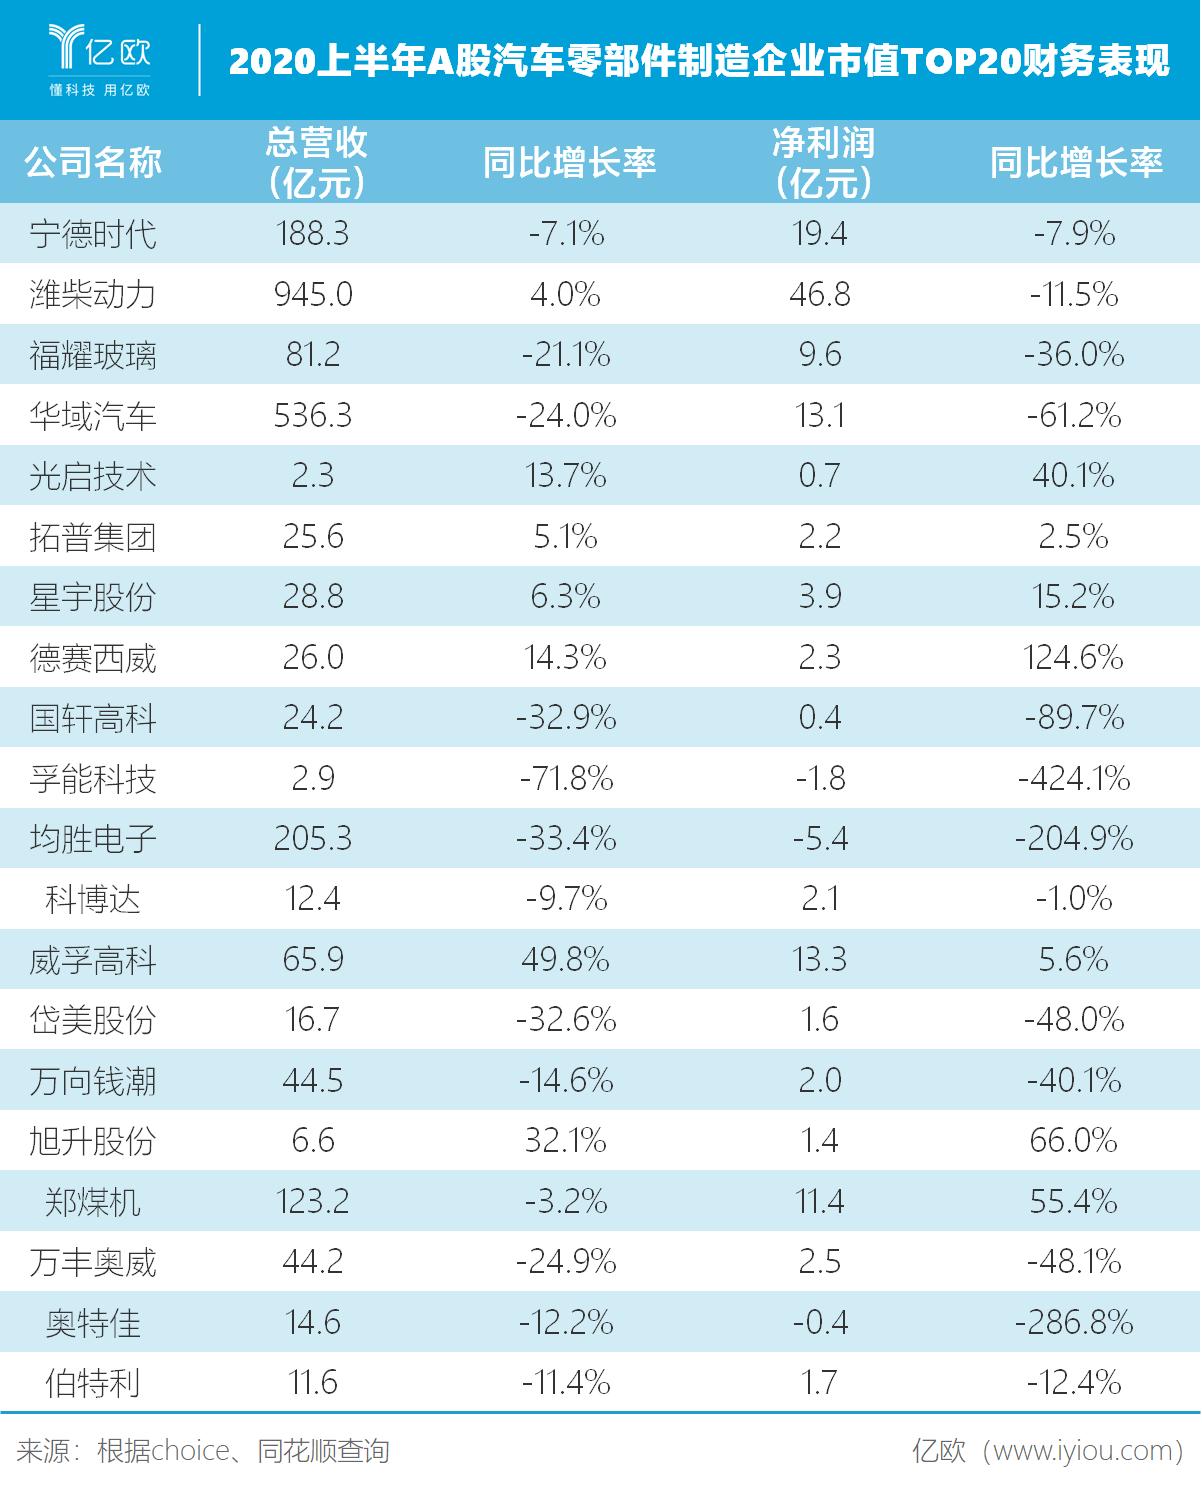 2020上半年A股汽车零部件制造企业市值TOP20财务表现